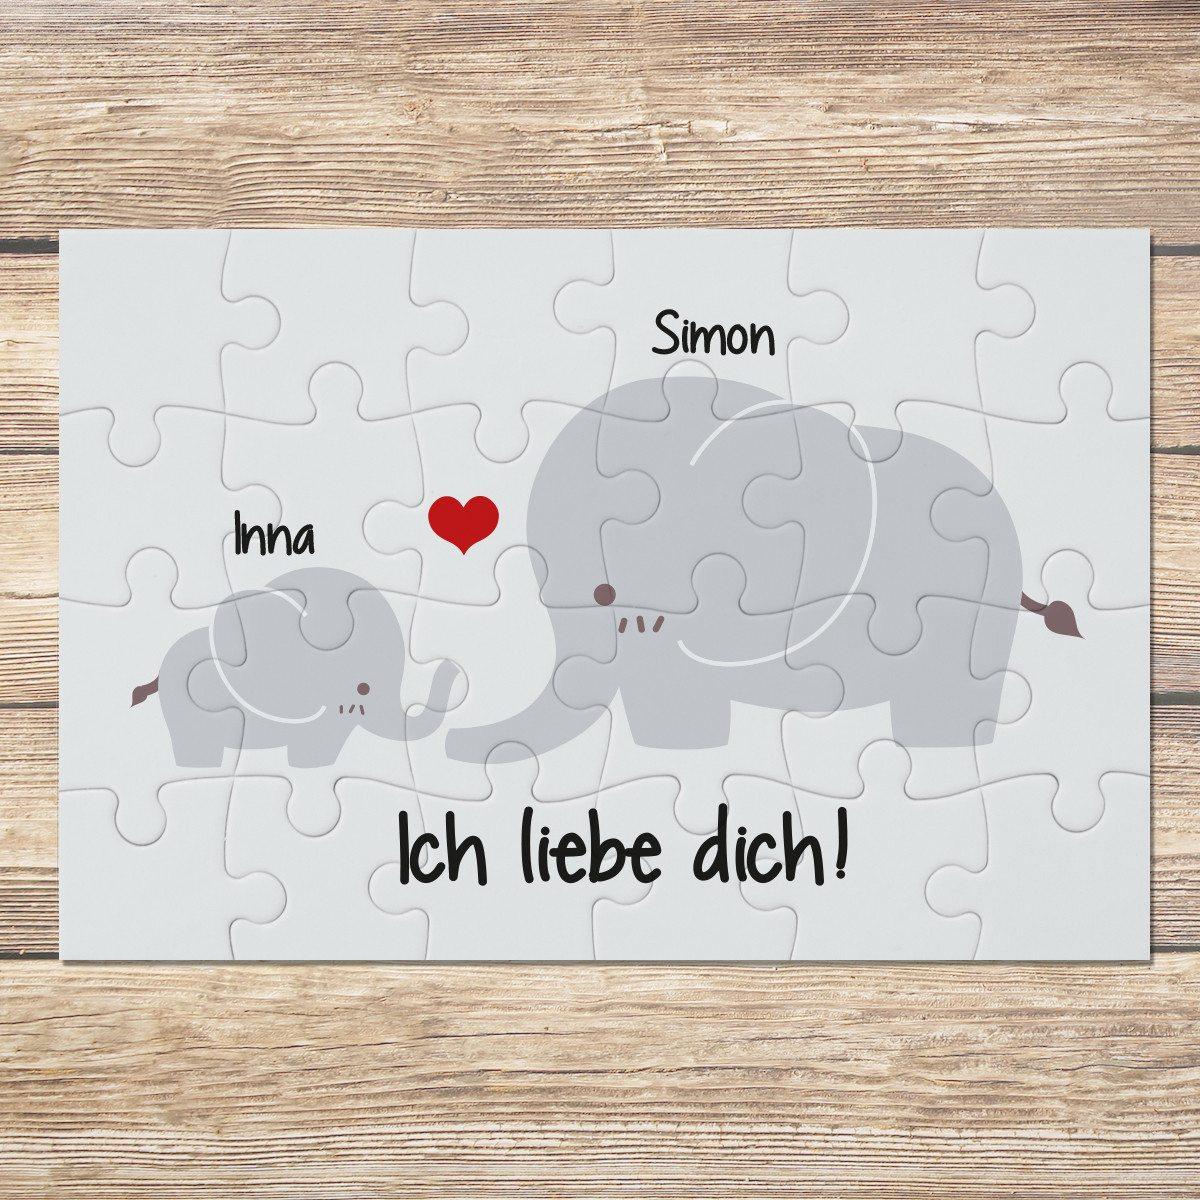 Personalisierbares Mini Puzzle mit Elefanten